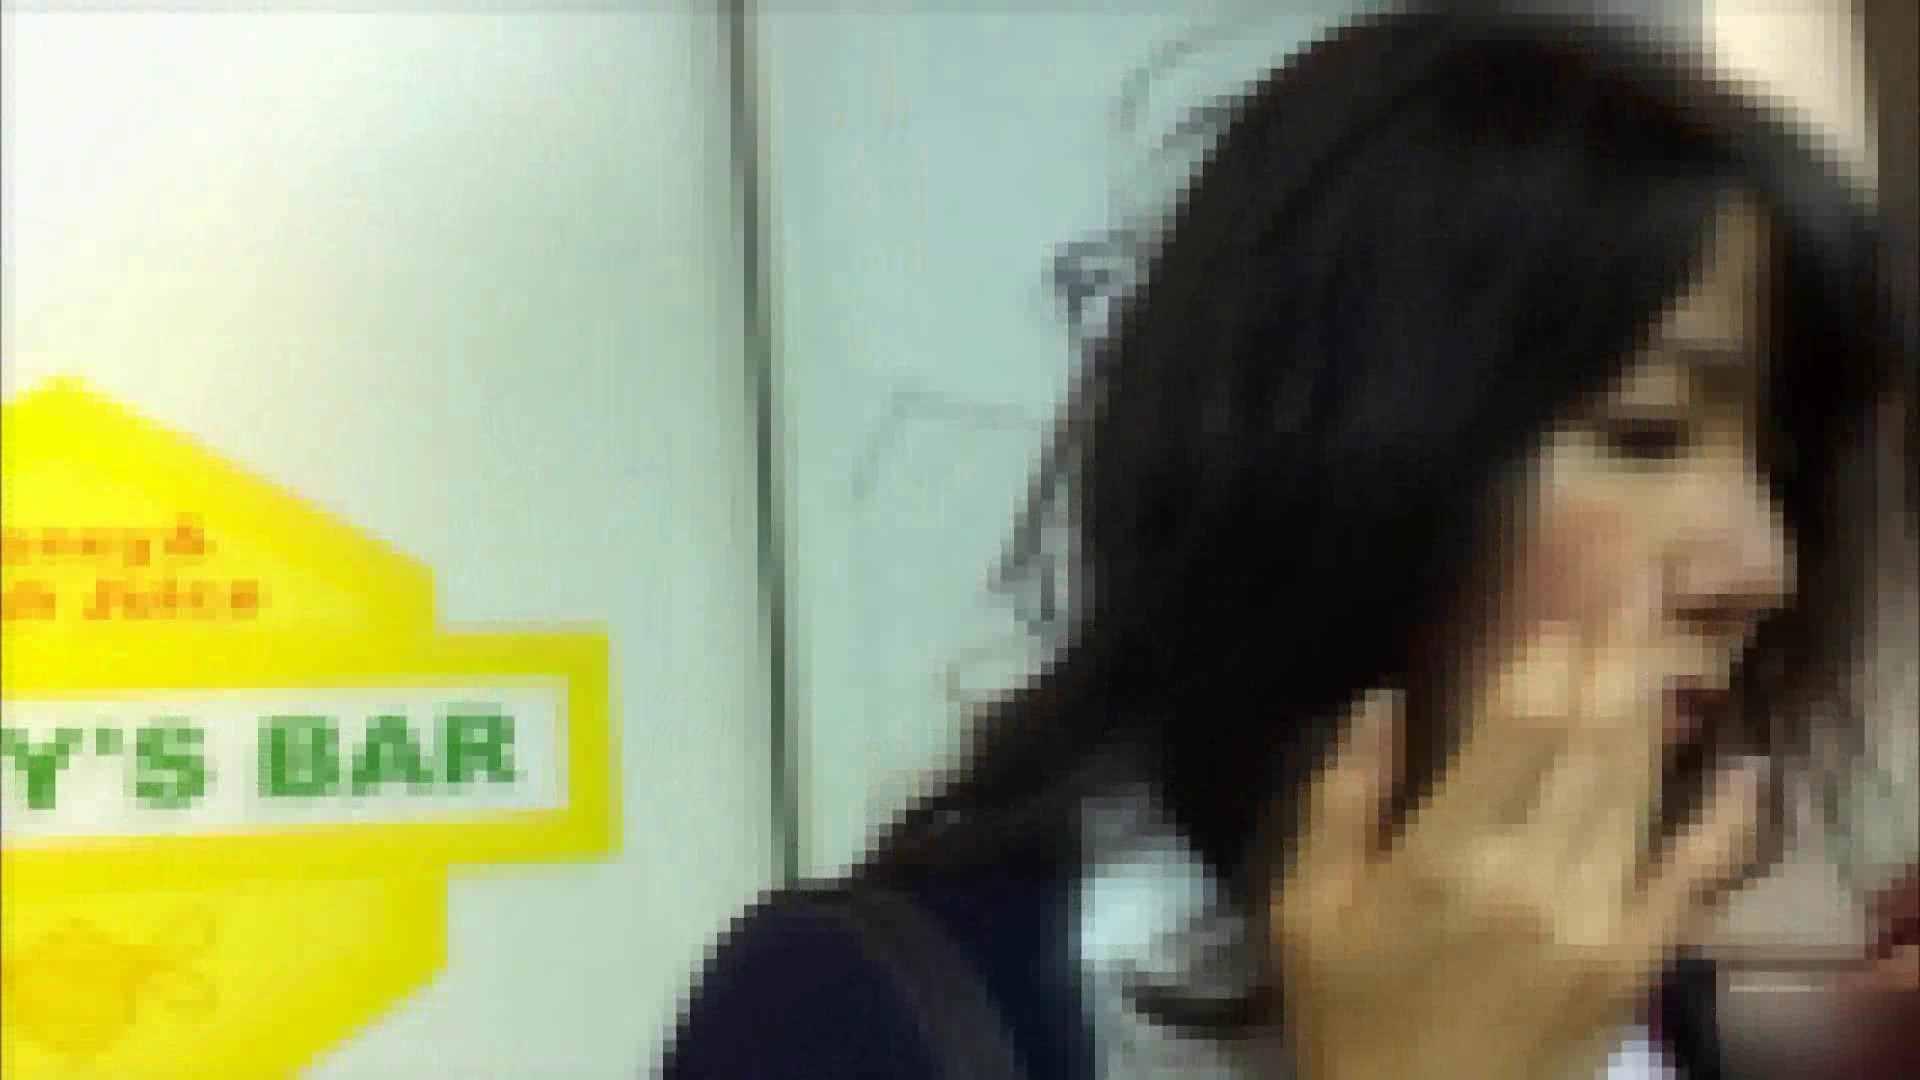 ガールズパンチラストリートビューVol.028 ギャルのエロ動画 オマンコ無修正動画無料 95画像 46